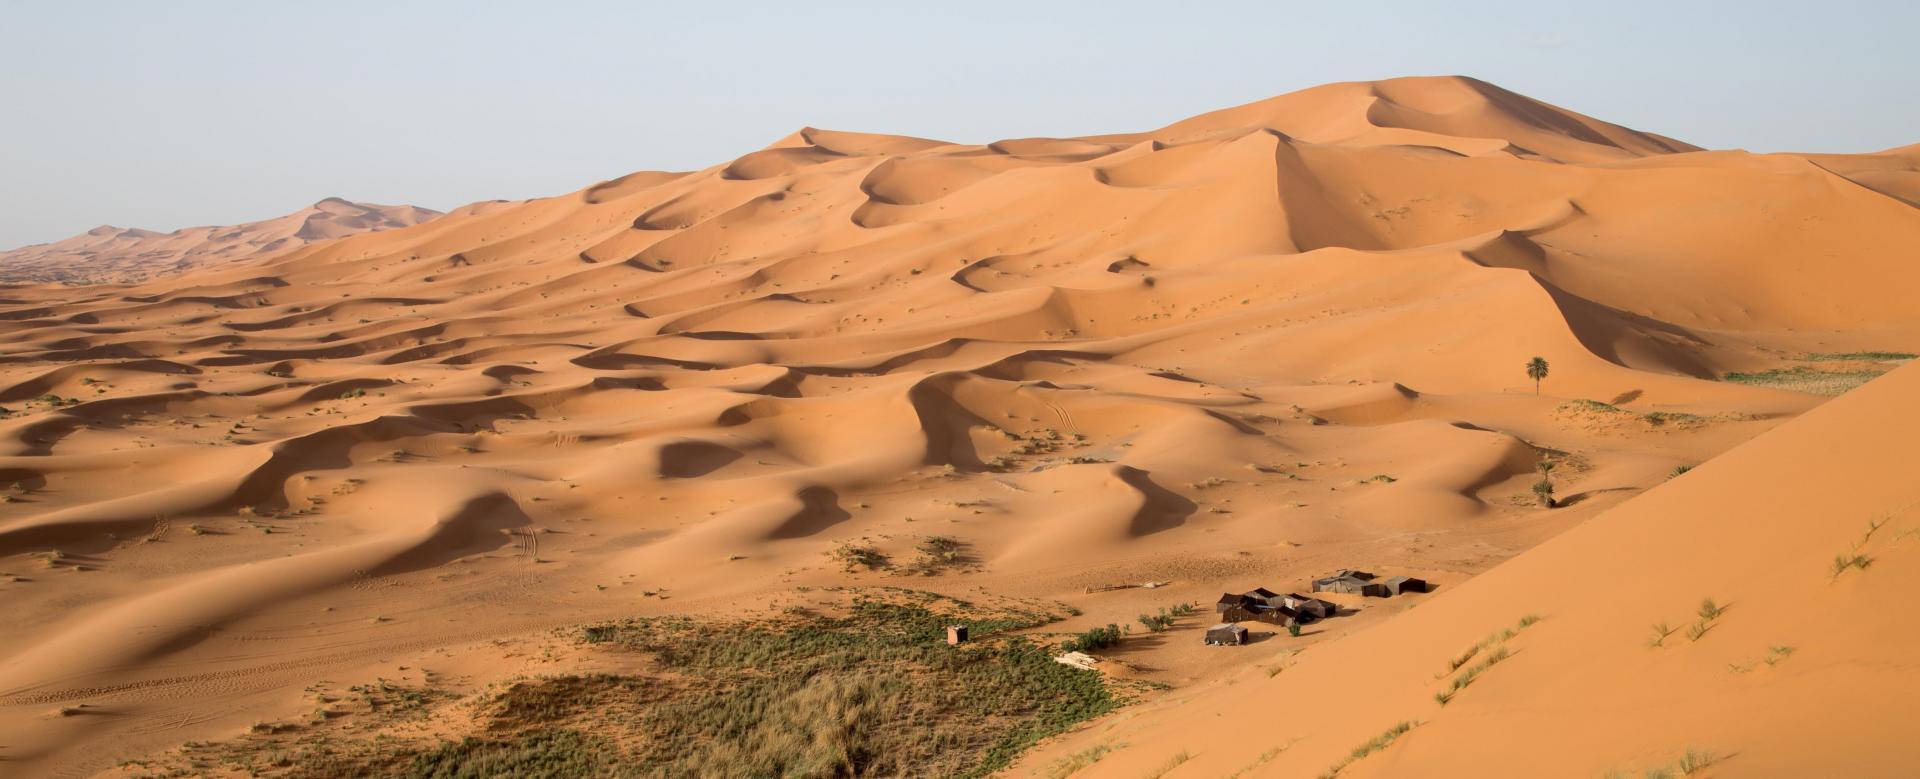 Voyage à pied Maroc : Sables infinis